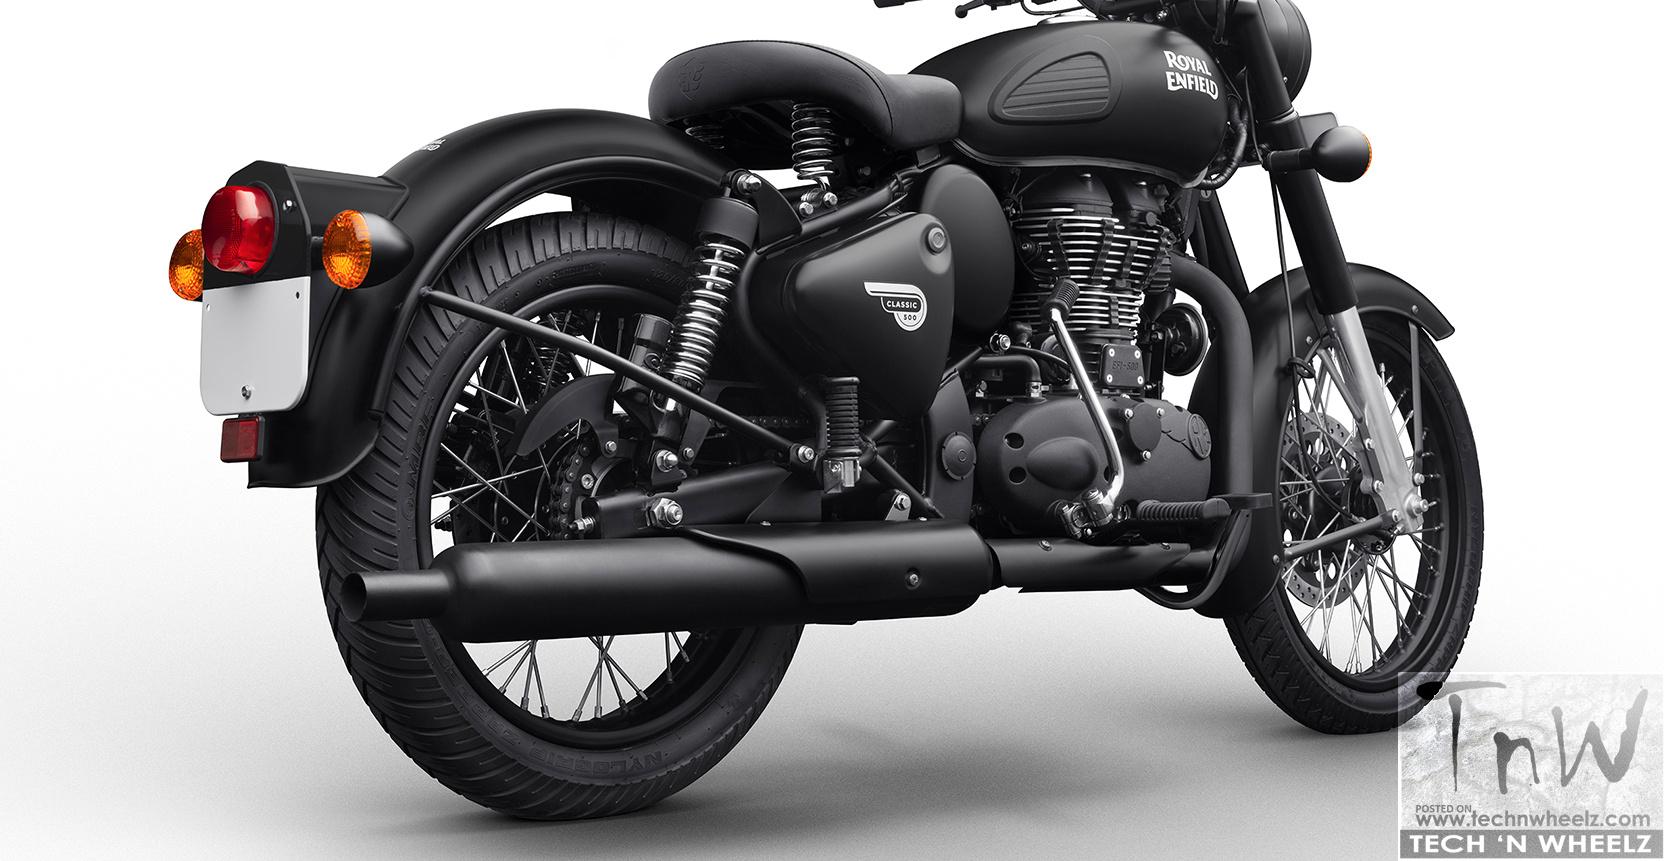 Classic Stealth Black 500 4 Tech N Wheelz